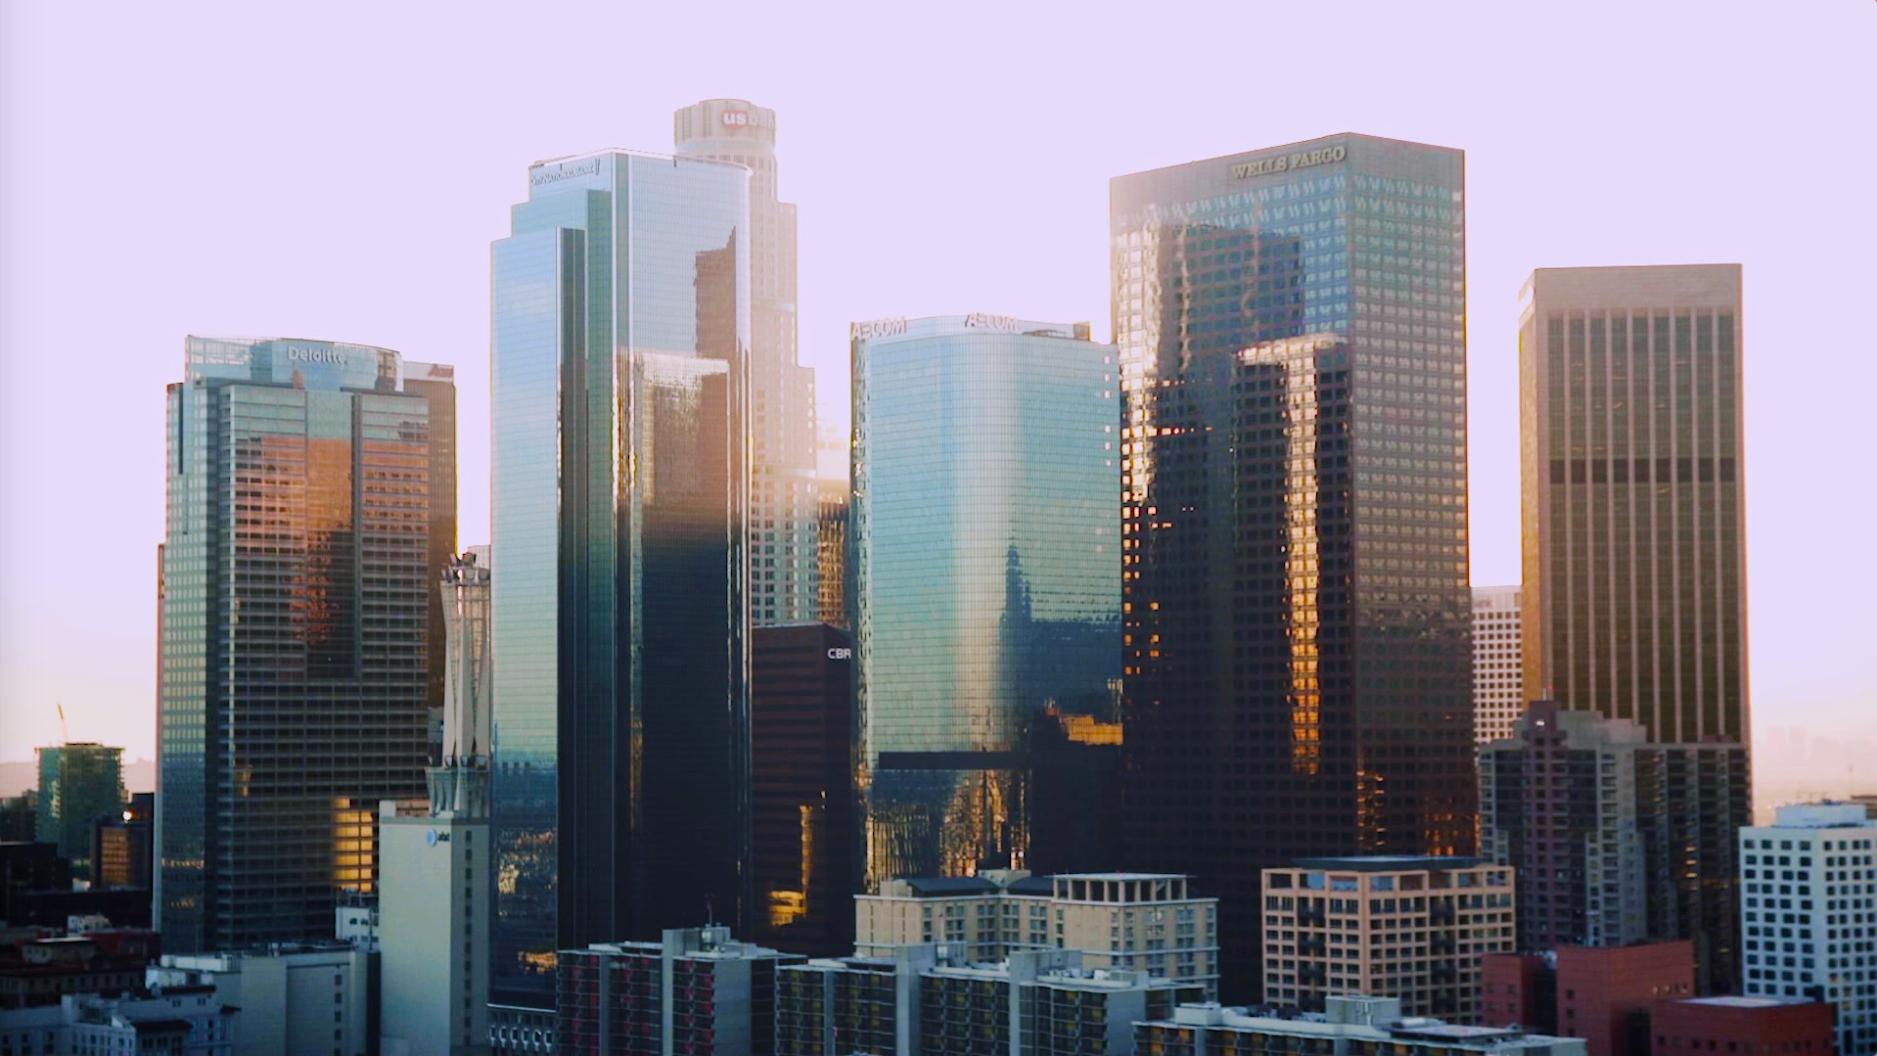 Downtown LA, USA